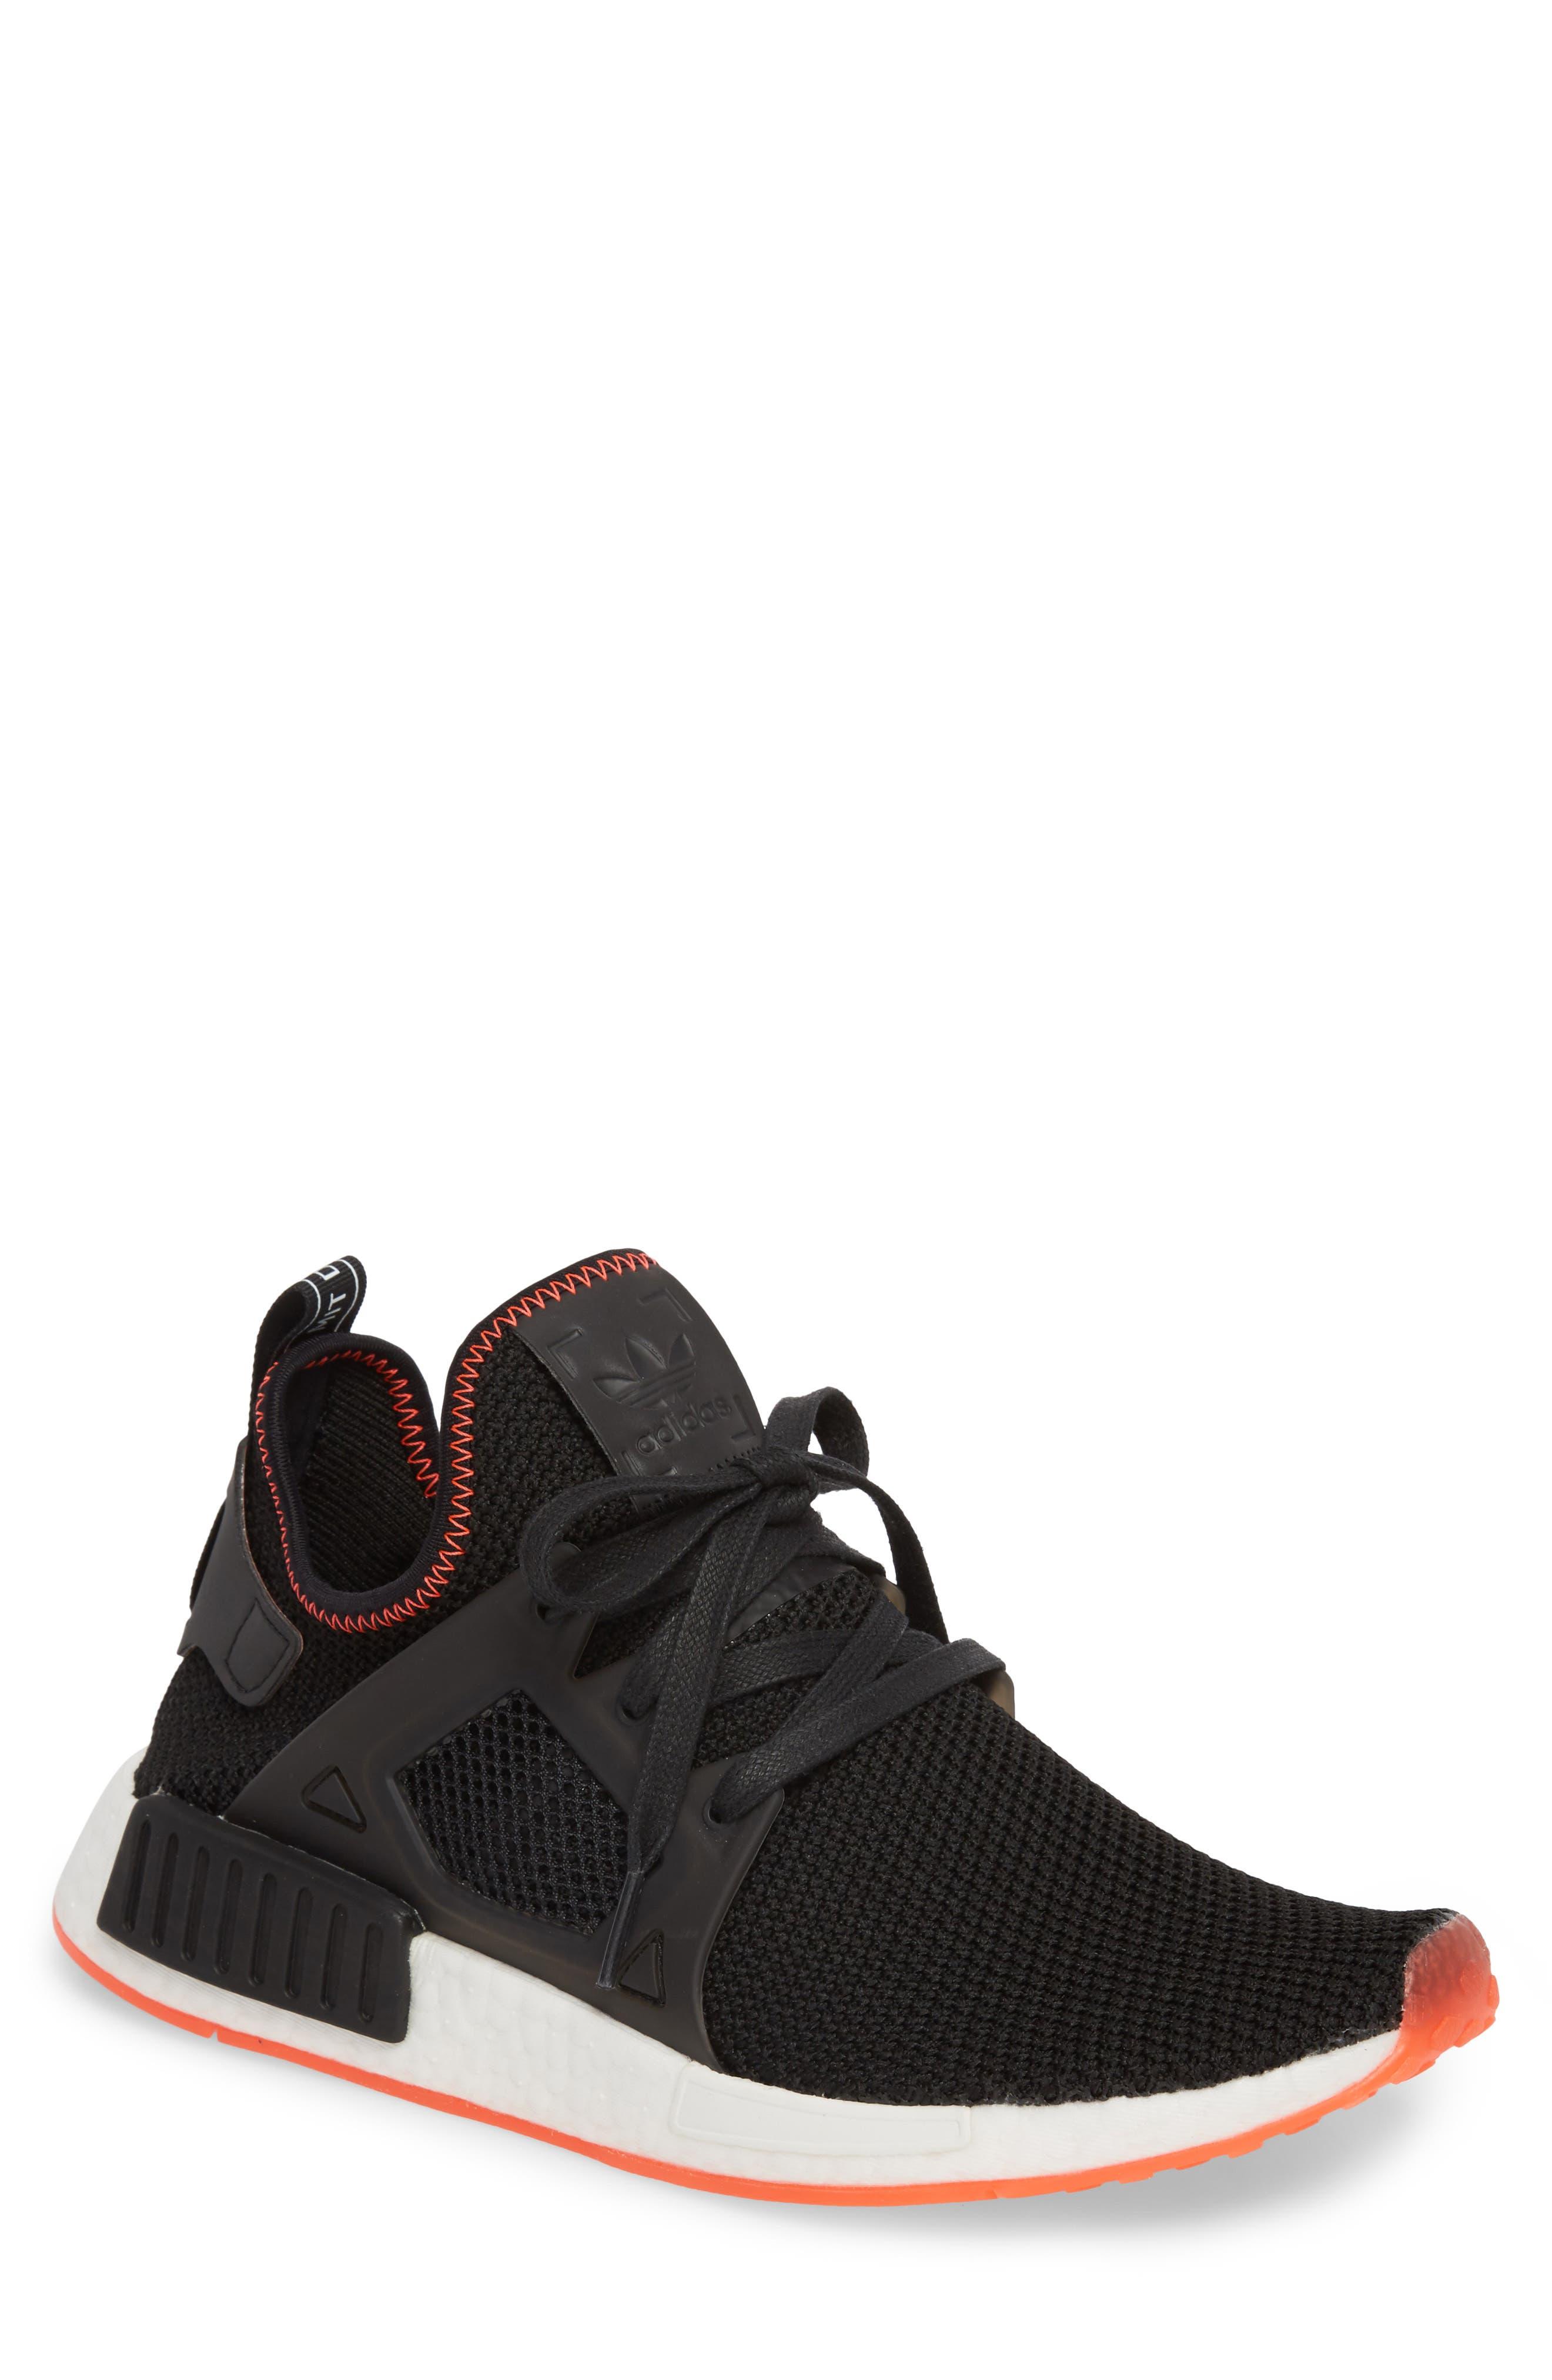 Main Image - adidas NMD_XR1 Sneaker (Men)